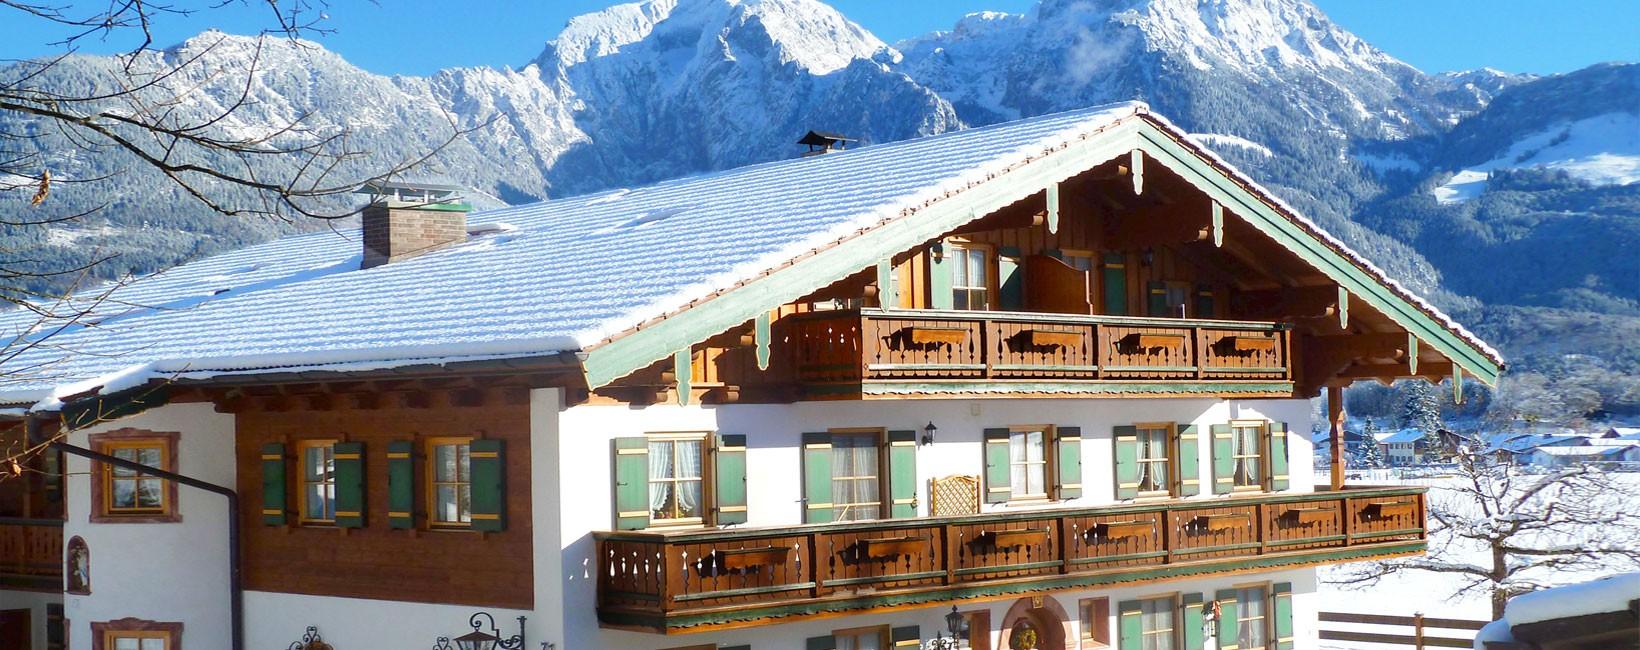 Ferienwohnungen Gästehaus Almblick im Winter